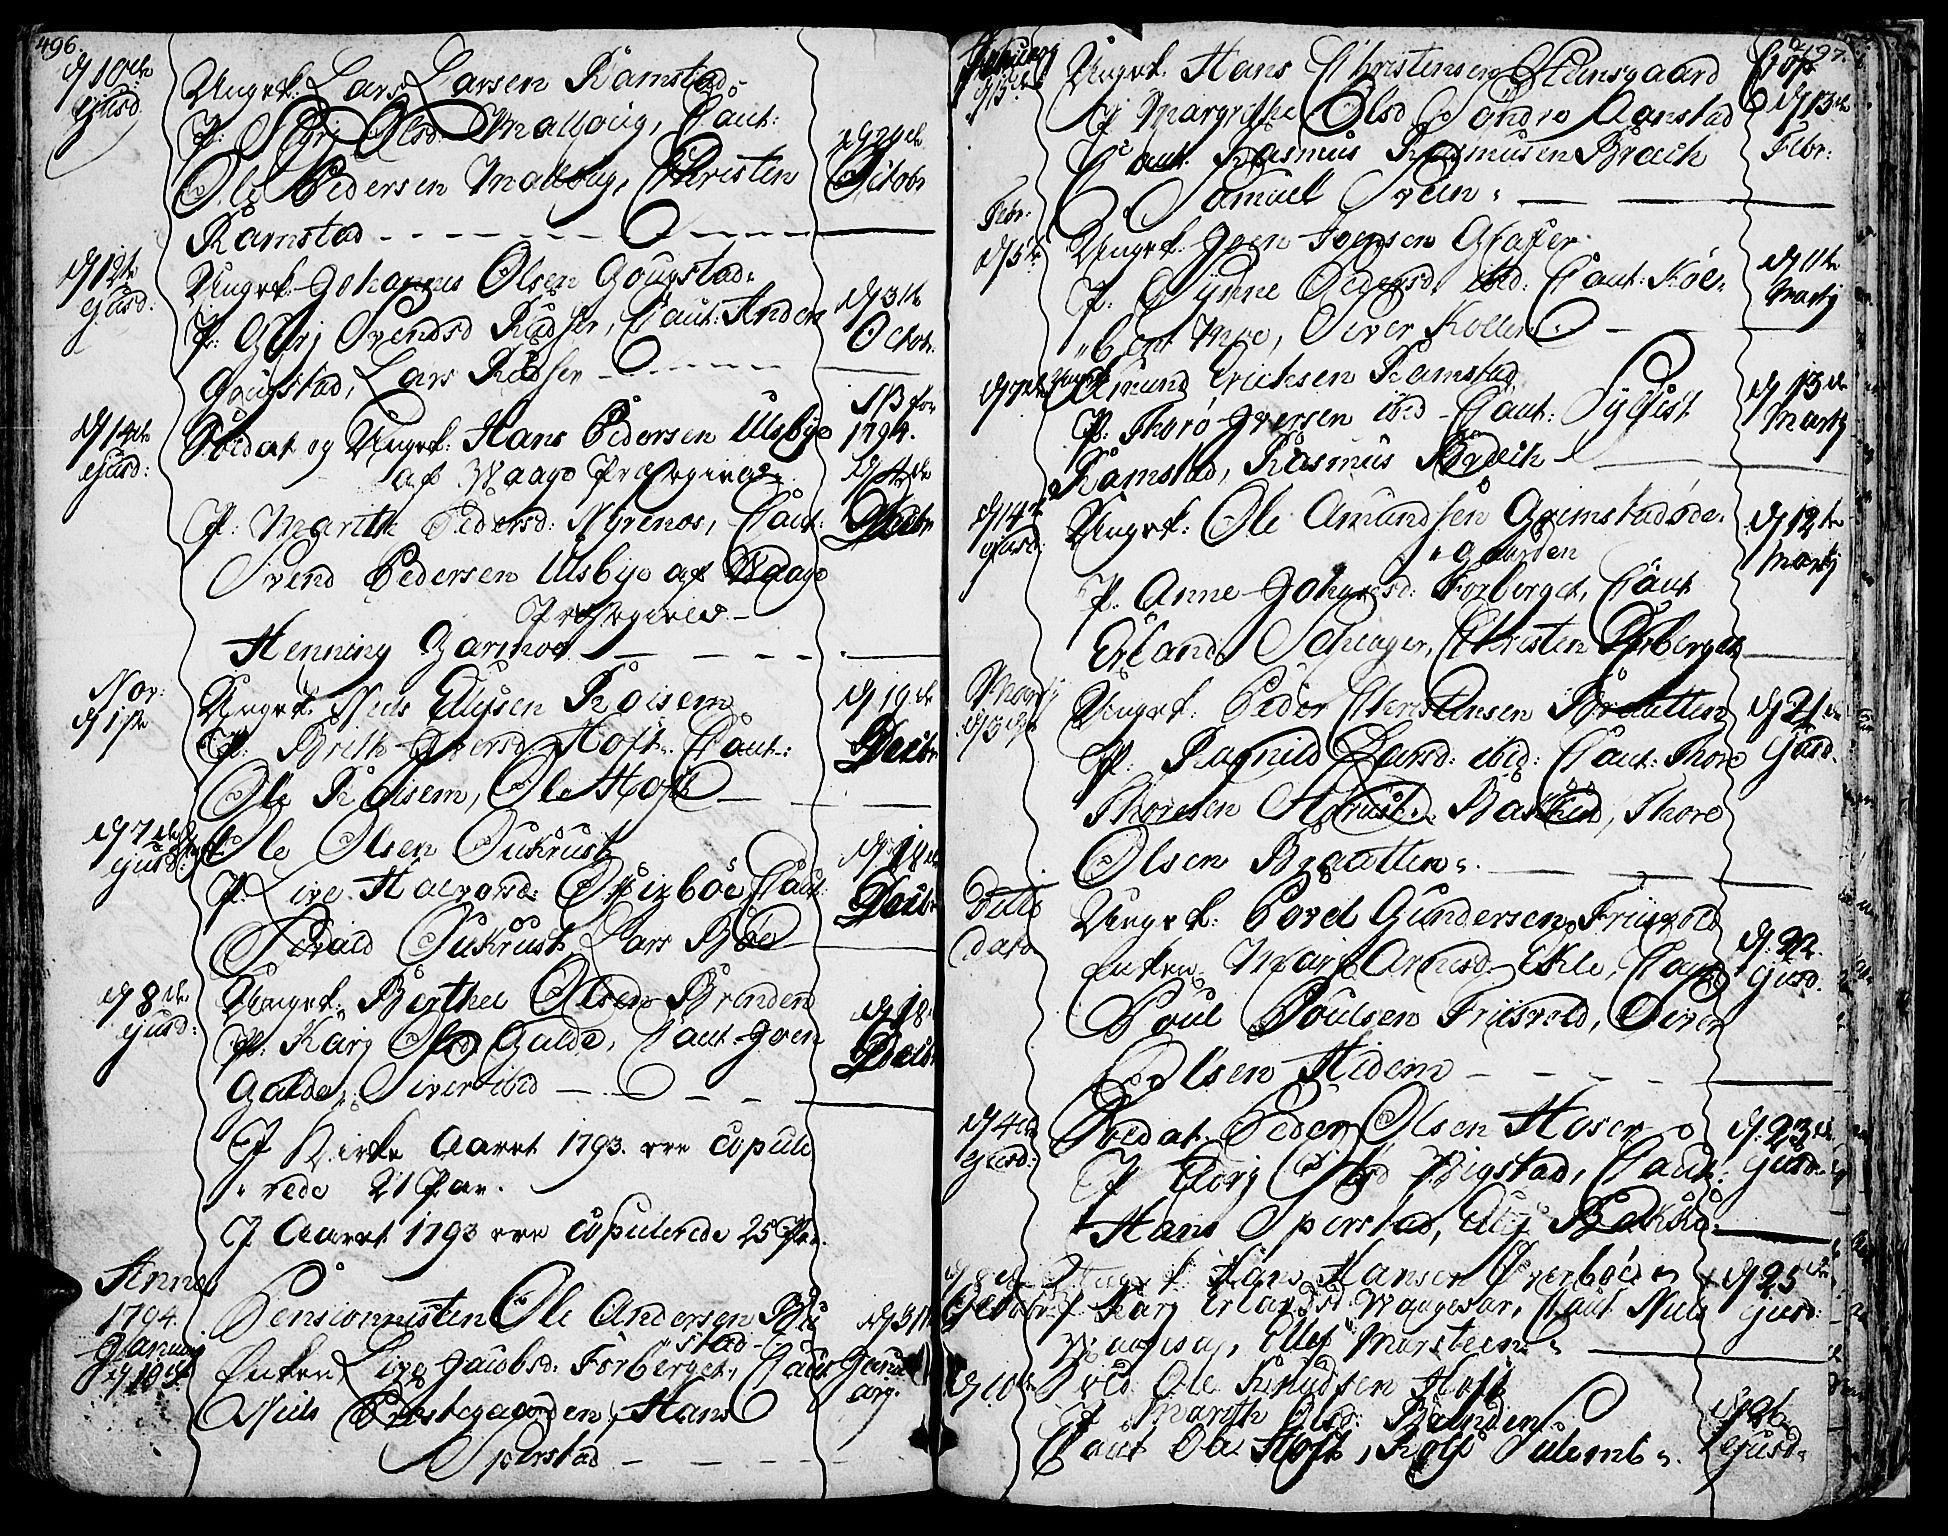 SAH, Lom prestekontor, K/L0002: Ministerialbok nr. 2, 1749-1801, s. 496-497